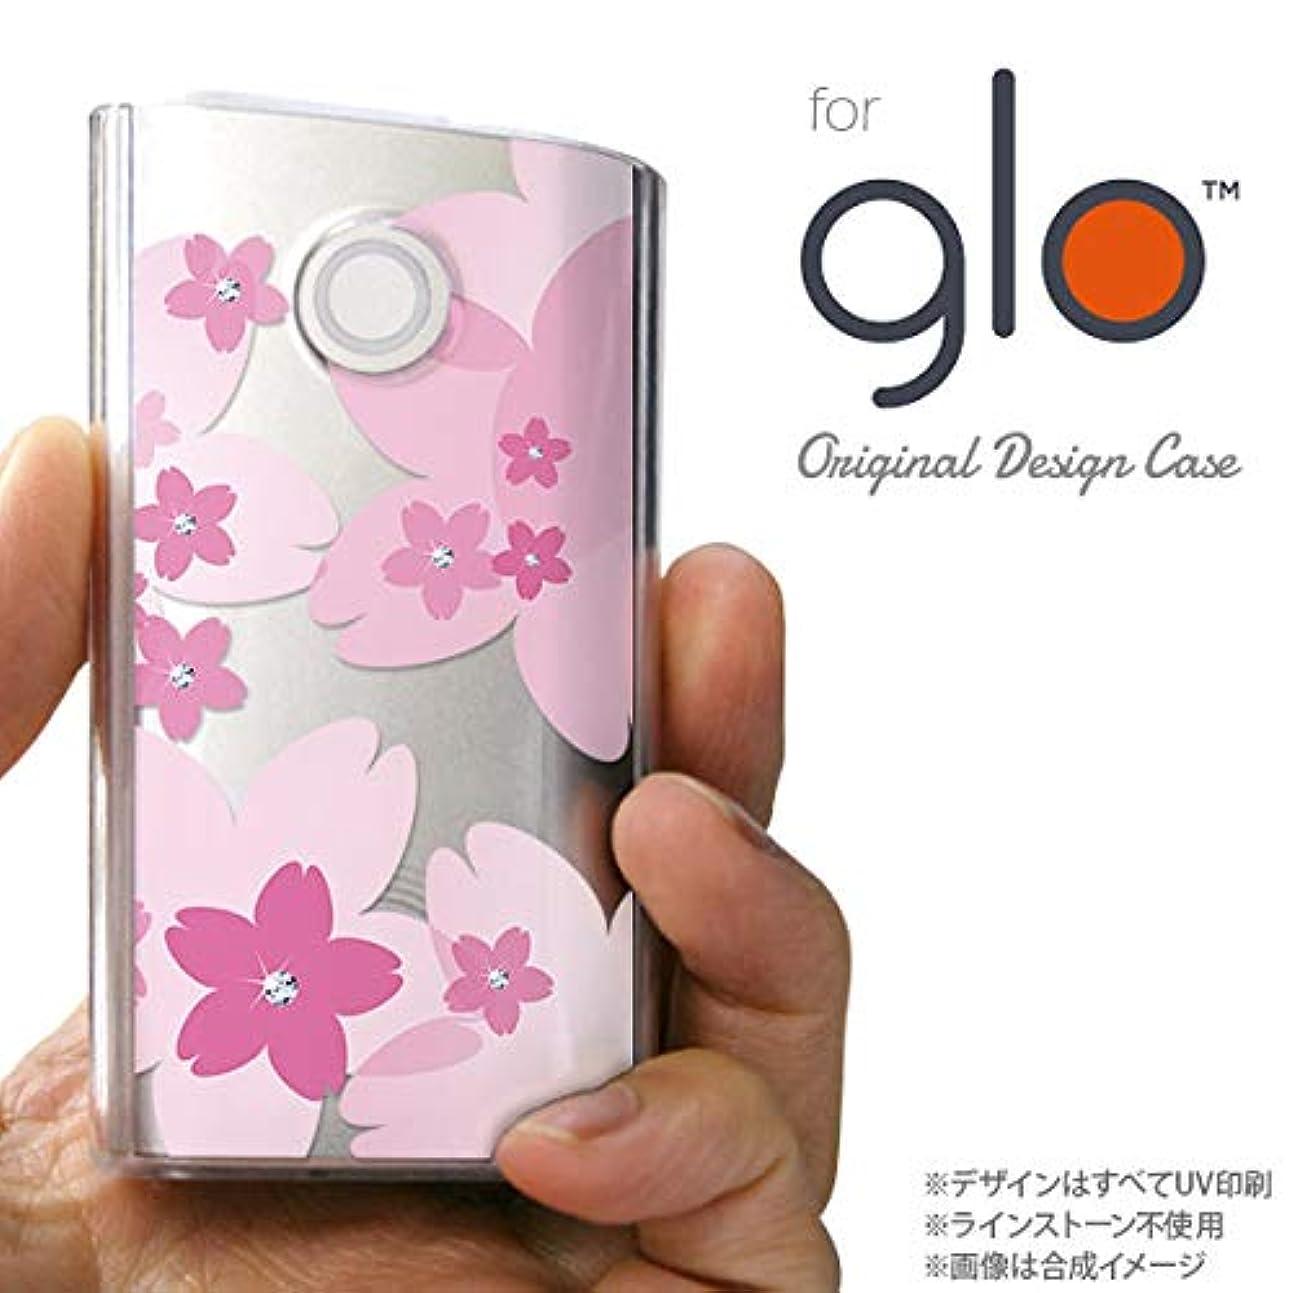 緩むサワーキャリッジglo グローケース カバー グロー 花柄?サクラ ピンク nk-glo-057